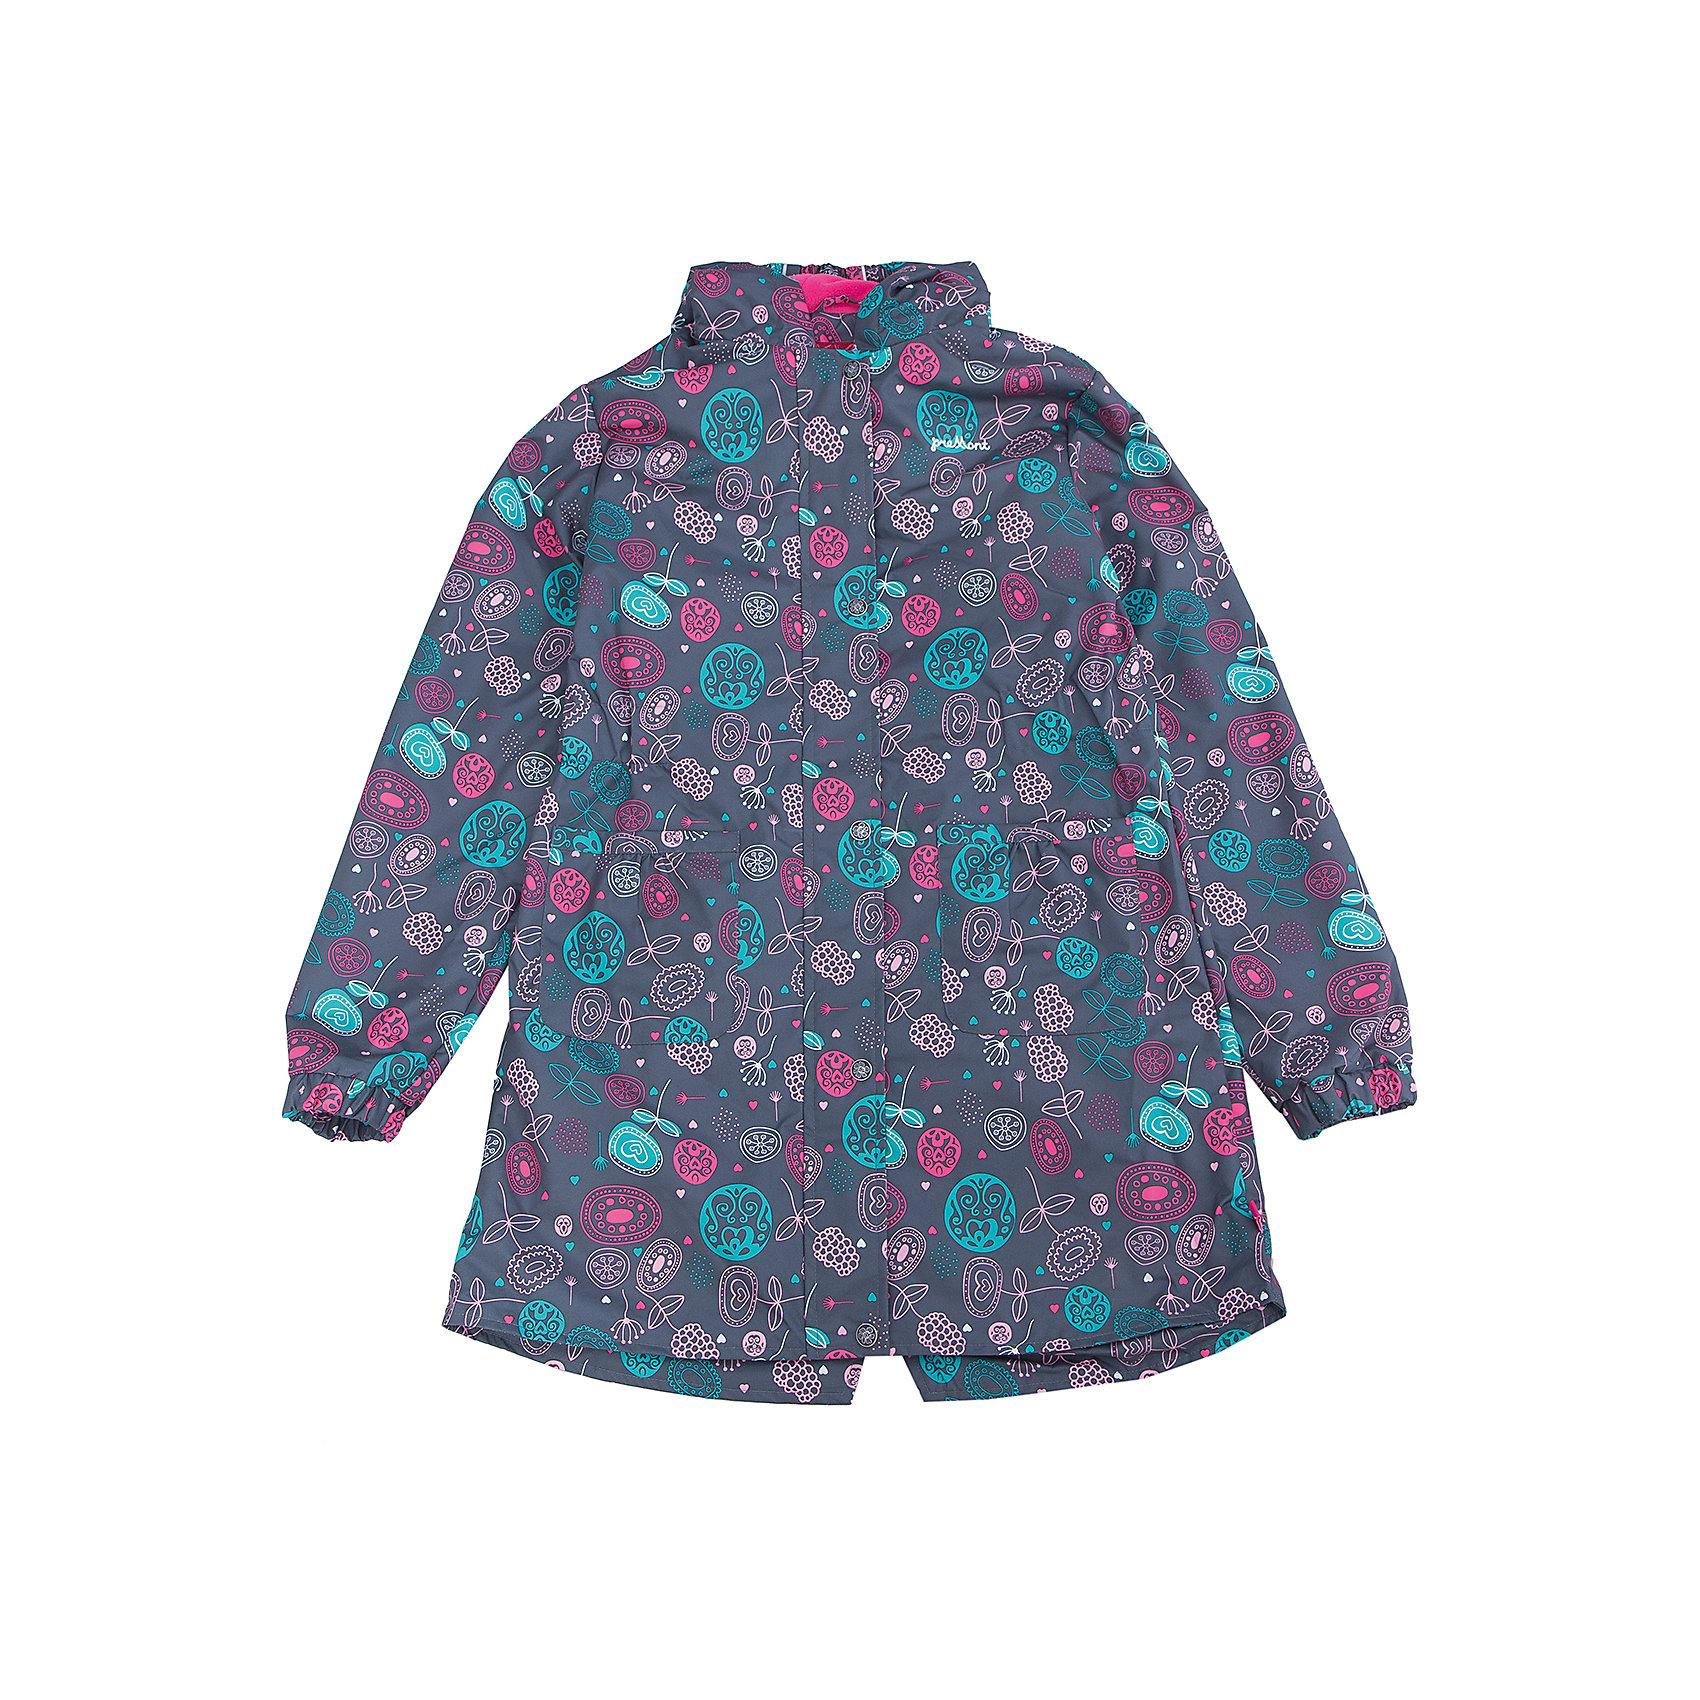 Плащ для девочки PremontВерхняя одежда<br>Характеристики товара:<br><br>• цвет: серый принт<br>• состав: верх - мембрана 5 000 mm, подкладка - полиэстер, флис, без утеплителя<br>• температурный режим: от +5 С° до +15 С<br>• демисезон<br>• капюшон<br>• застежка - молния<br>• декорирован принтом<br>• карманы<br>• ветронепроницаемый, водо- и грязеотталкивающий и дышащий материал<br>• эластичные манжеты<br>• фиксация талии с помощью внутренней резинки<br>• комфортная посадка<br>• страна бренда: Канада<br><br>Такой плащ - универсальный вариант для теплого межсезонья с постоянно меняющейся погодой. Эта модель - модная и удобная одновременно! Изделие отличается стильным ярким дизайном. Плащ хорошо сидит по фигуре, отлично сочетается с различным низом. Вещь была разработана специально для детей.<br><br>Одежда от канадского бренда Premont уже завоевала популярностью у многих детей и их родителей. Вещи, выпускаемые компанией, качественные, продуманные и очень удобные. Для производства коллекций используются только безопасные для детей материалы.<br><br>Плащ для девочки от бренда Premont можно купить в нашем интернет-магазине.<br><br>Ширина мм: 356<br>Глубина мм: 10<br>Высота мм: 245<br>Вес г: 519<br>Цвет: серый<br>Возраст от месяцев: 48<br>Возраст до месяцев: 60<br>Пол: Женский<br>Возраст: Детский<br>Размер: 110,164/170,122,134,140/146,152/158<br>SKU: 5352991